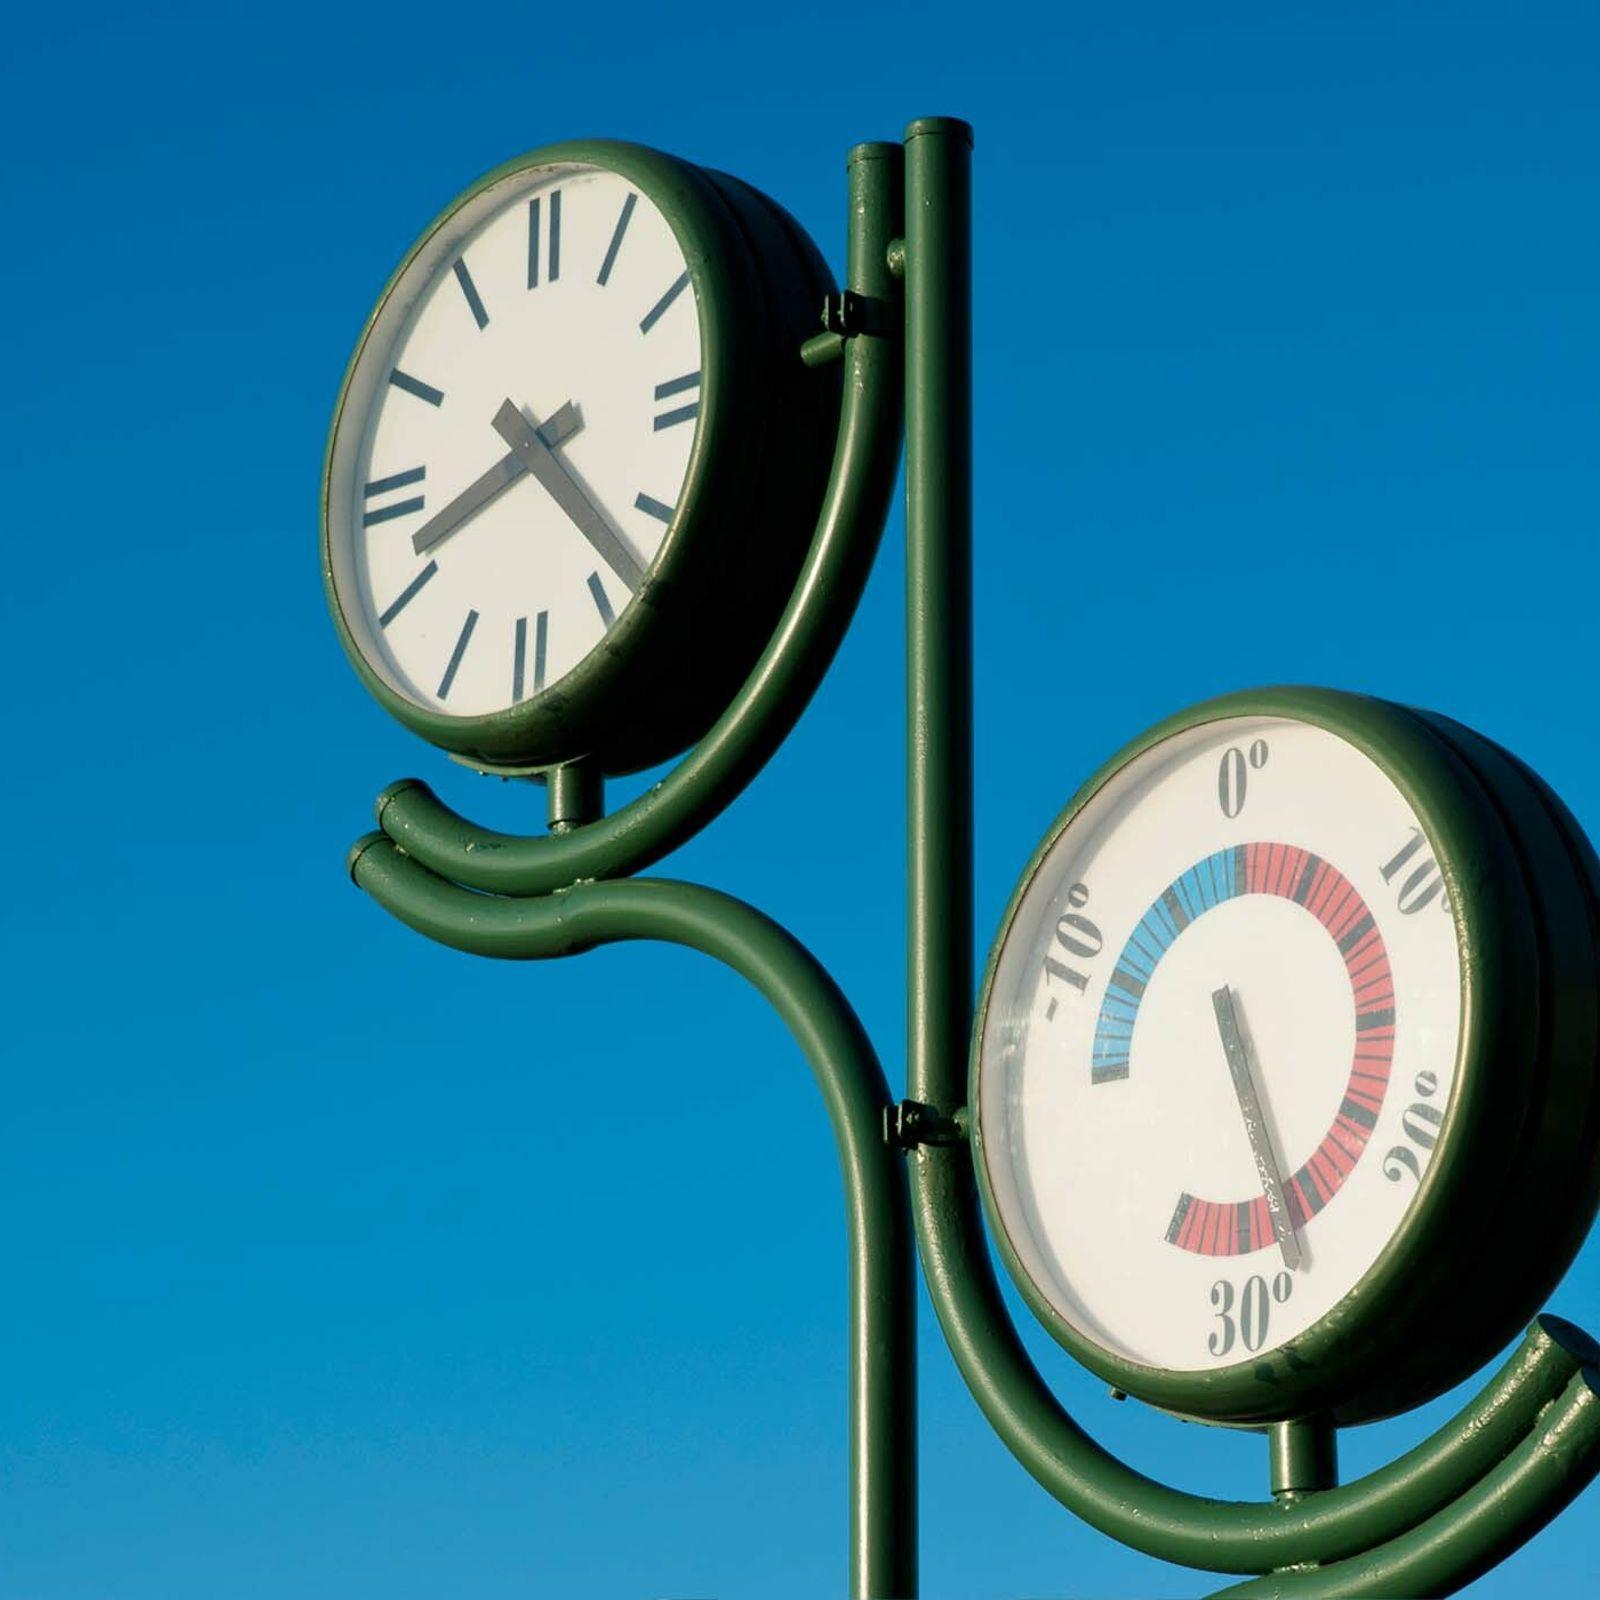 La red de medición meteorológica de España cuenta con unas 2000 estaciones repartidas por todo el ...